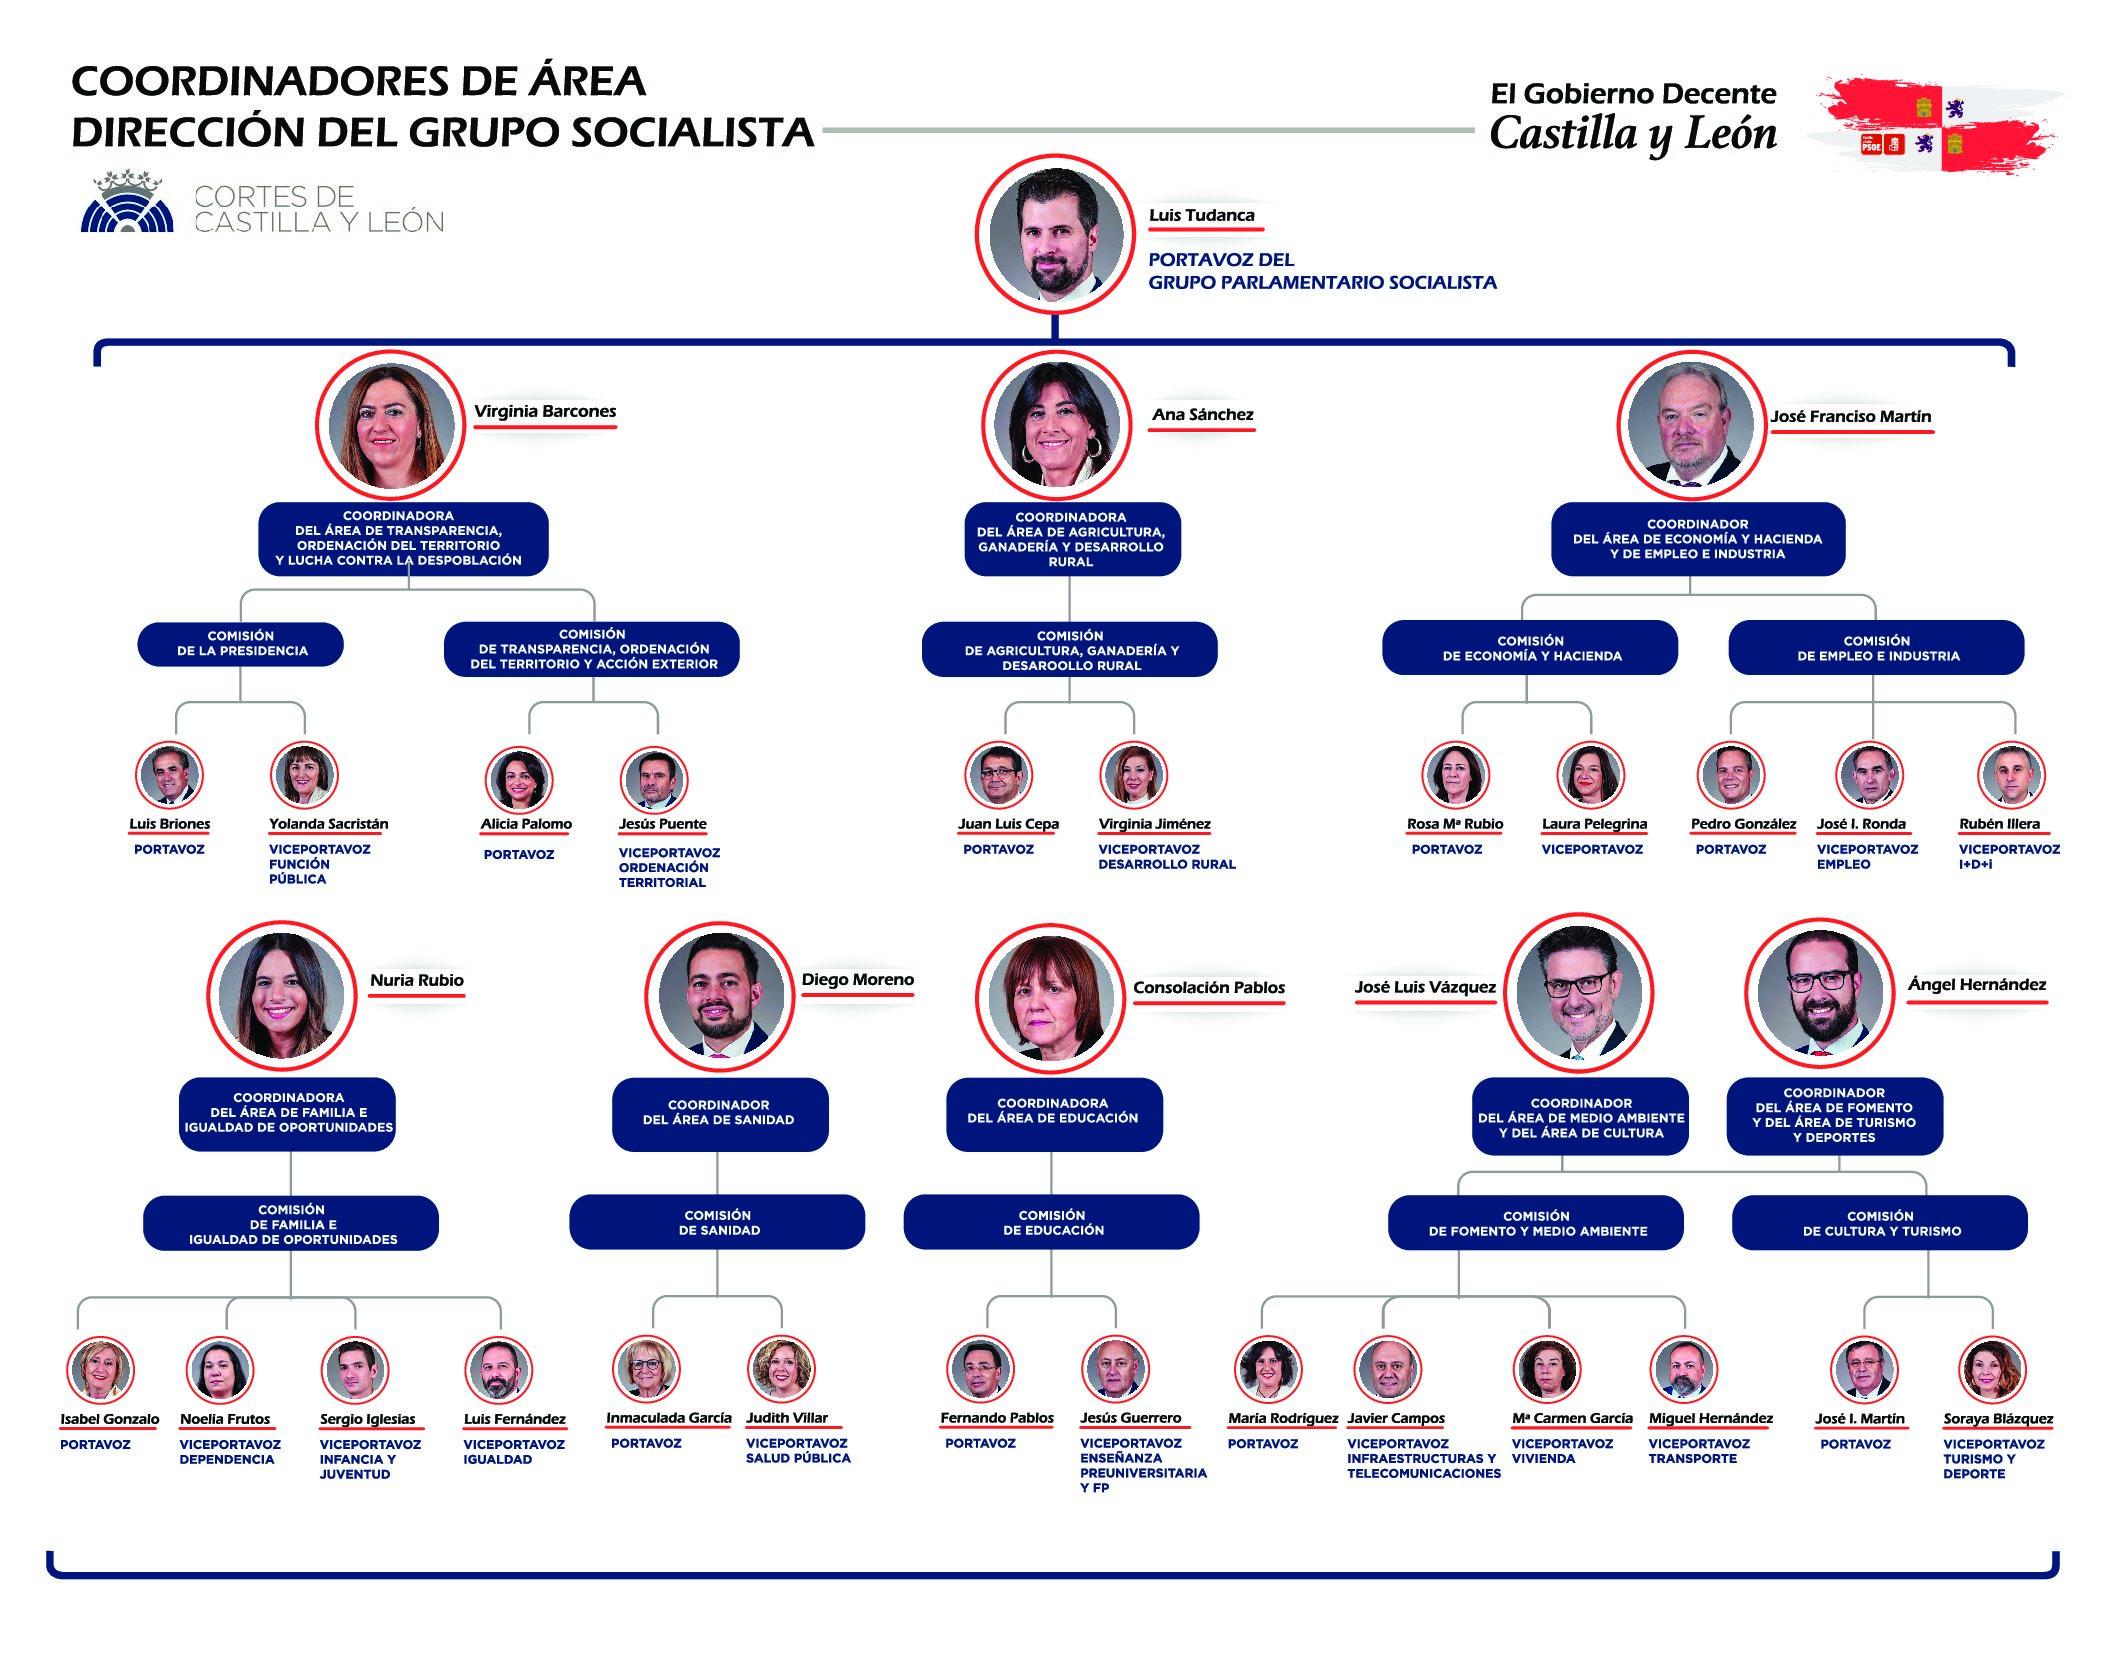 Nuria Rubio, coordinadora del Área de Familia e Igualdad de Oportunidades y Diego Moreno, del Área de Sanidad